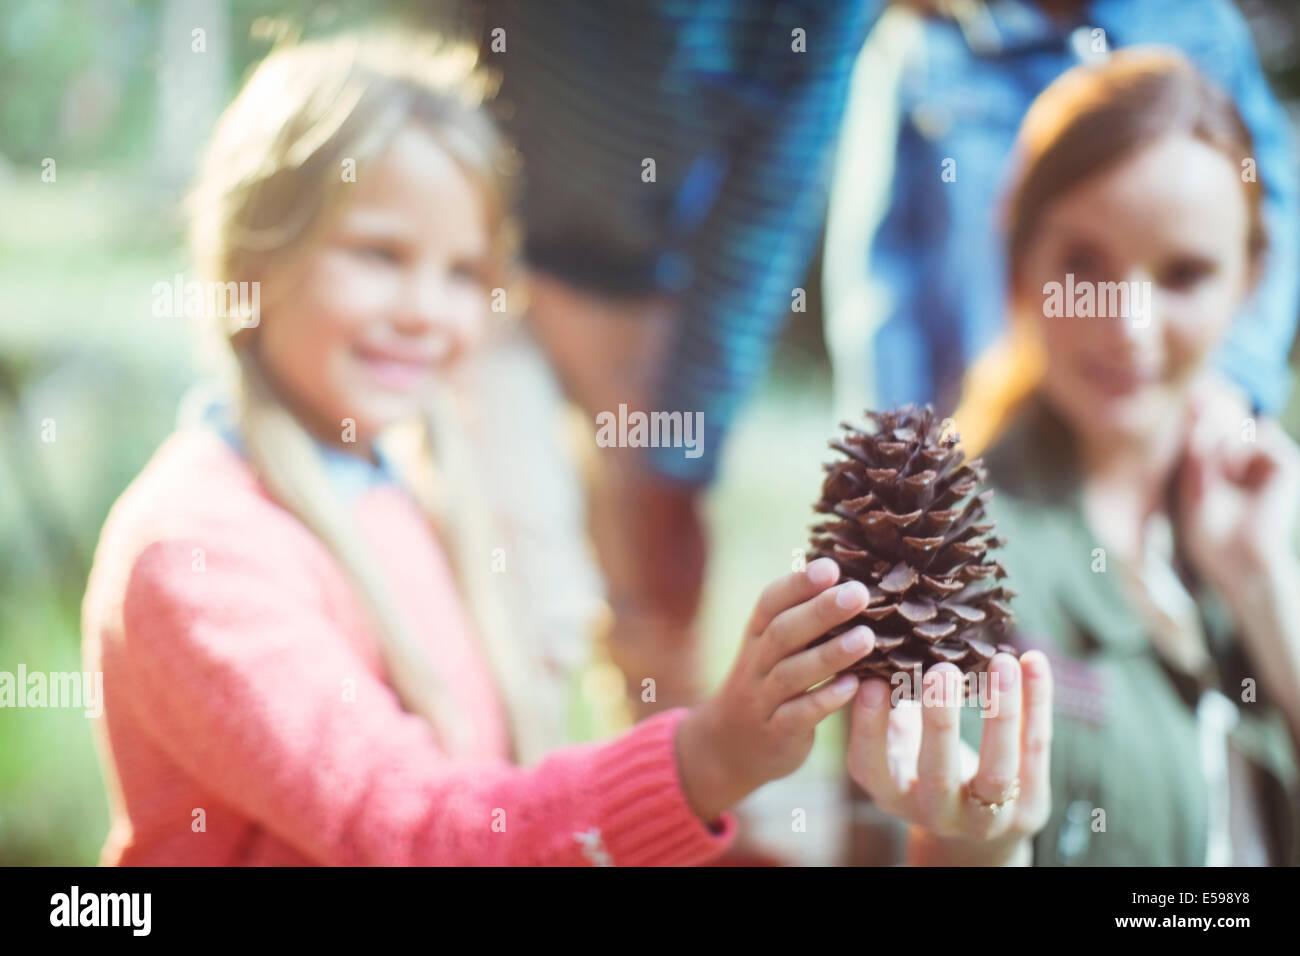 Los alumnos y el profesor la celebración de cono de pino en el bosque Imagen De Stock